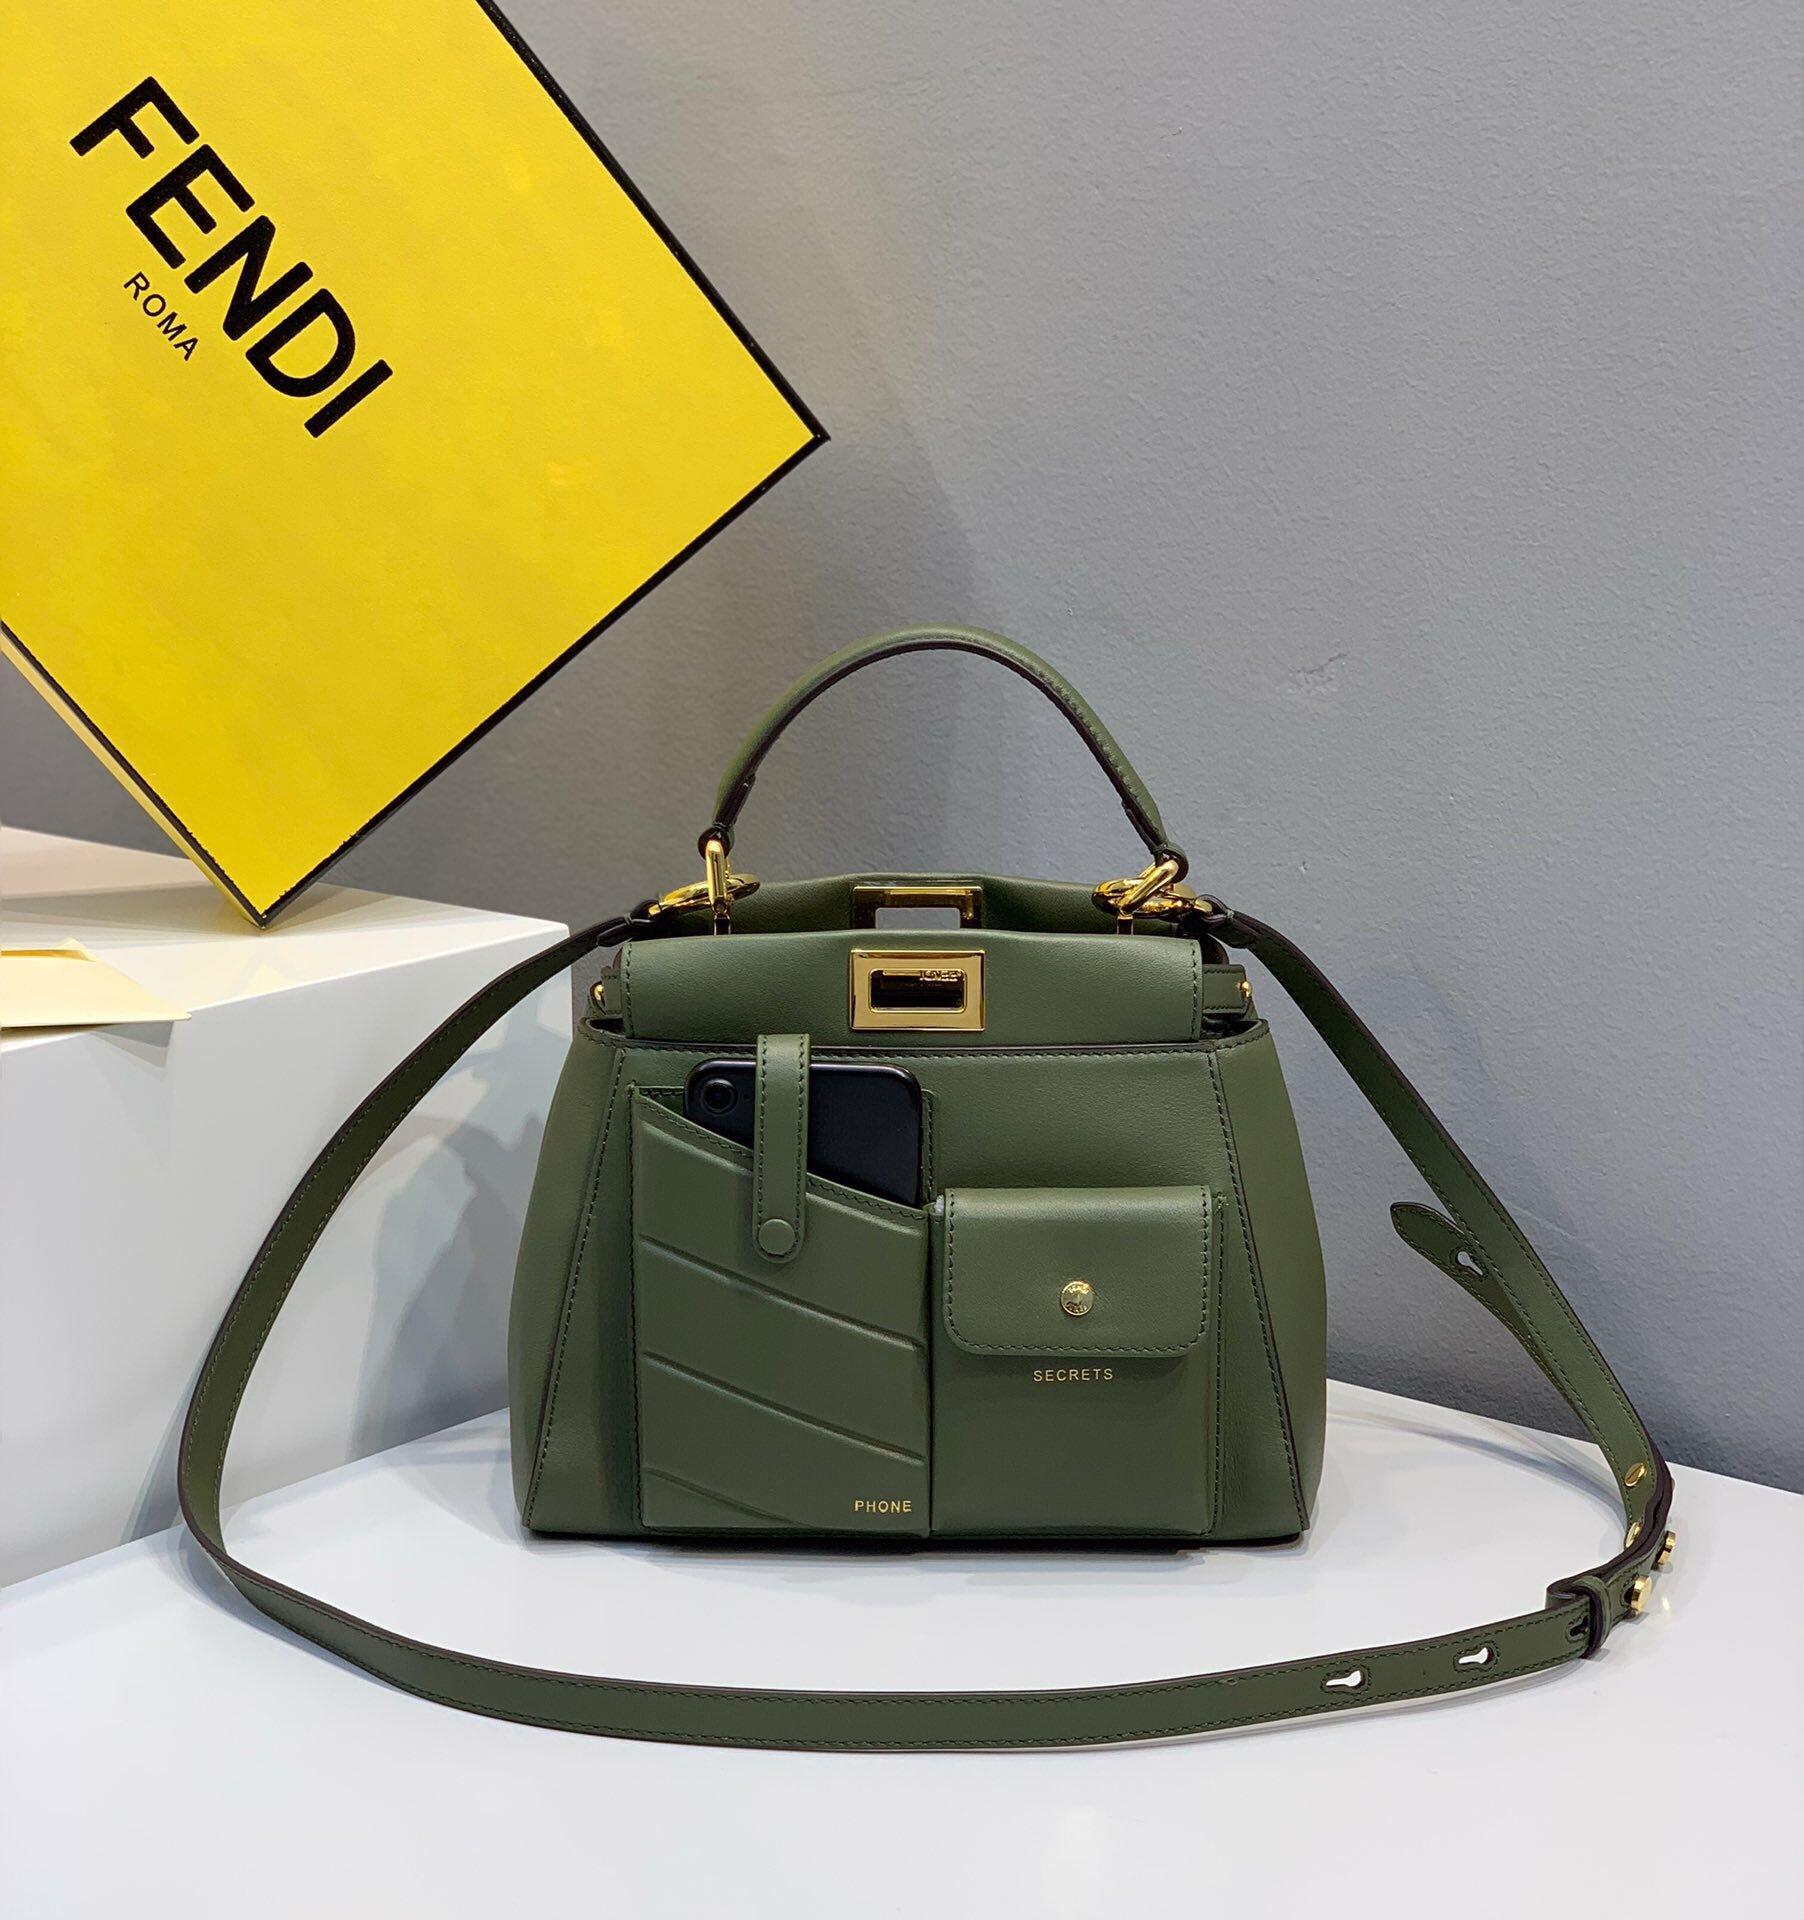 Replica Fendi Peekaboo Iconic Mini Green Leather Bag